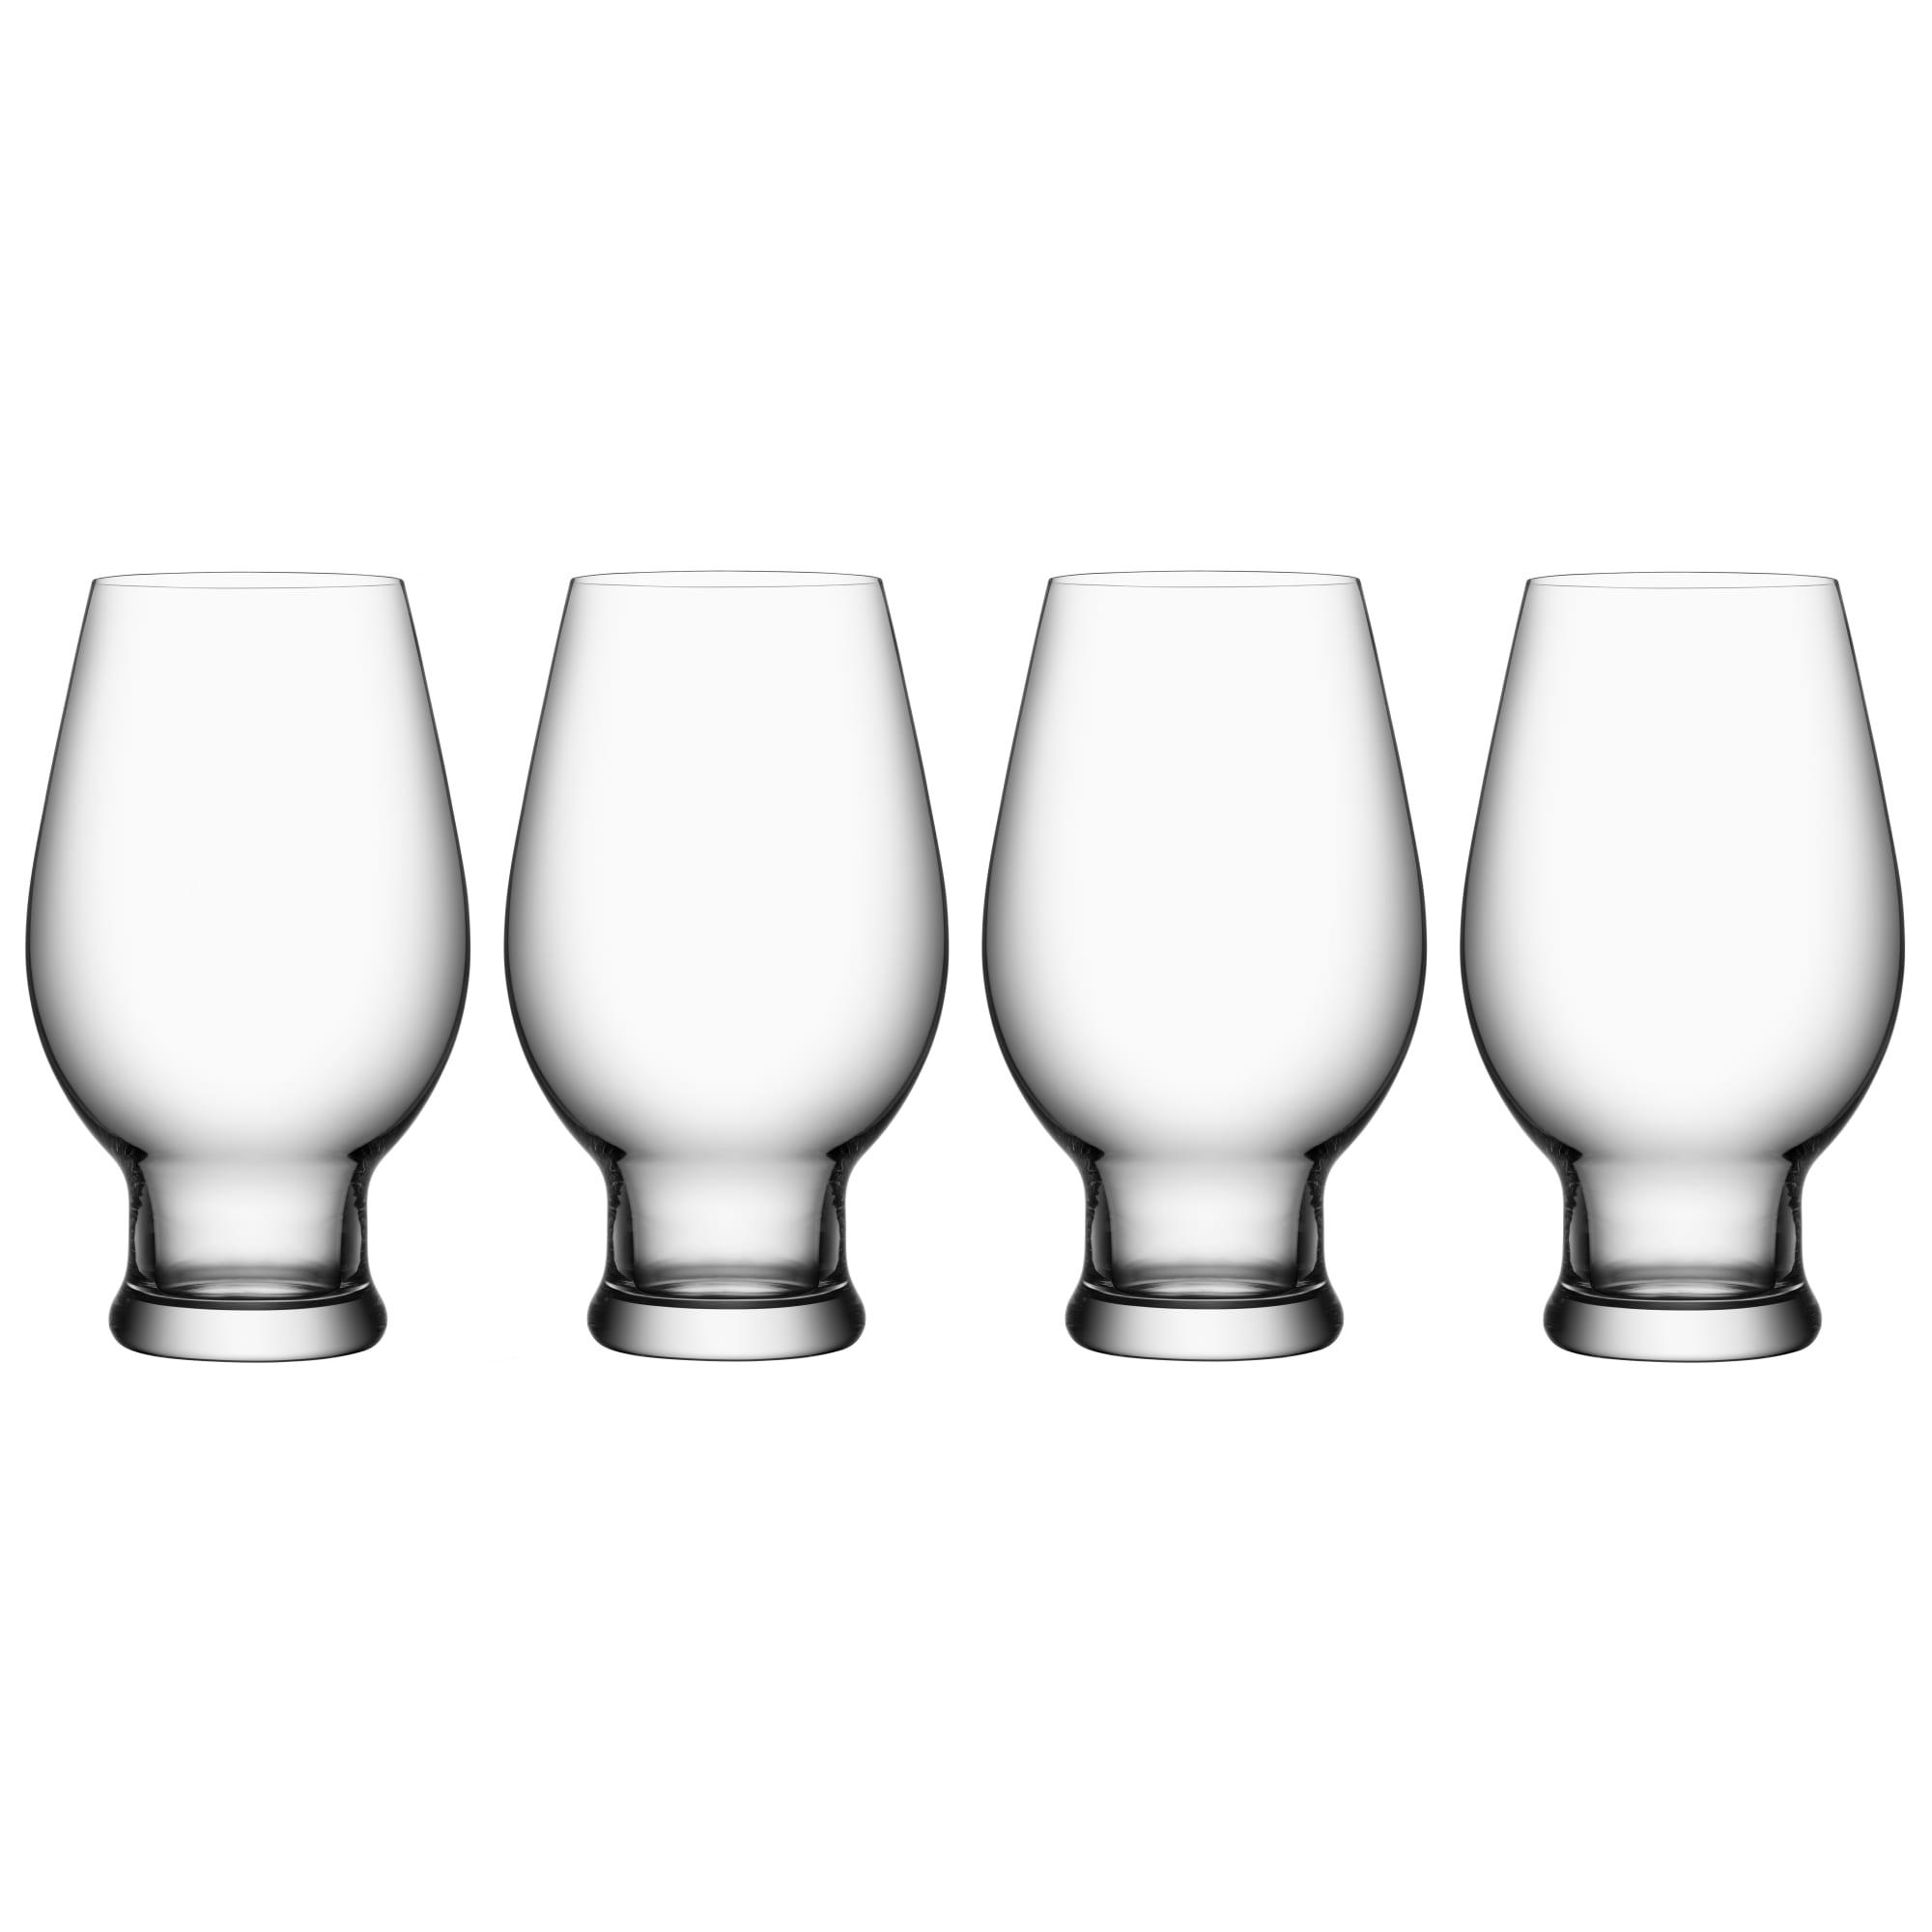 47 cl - Designet til India Pale Ale